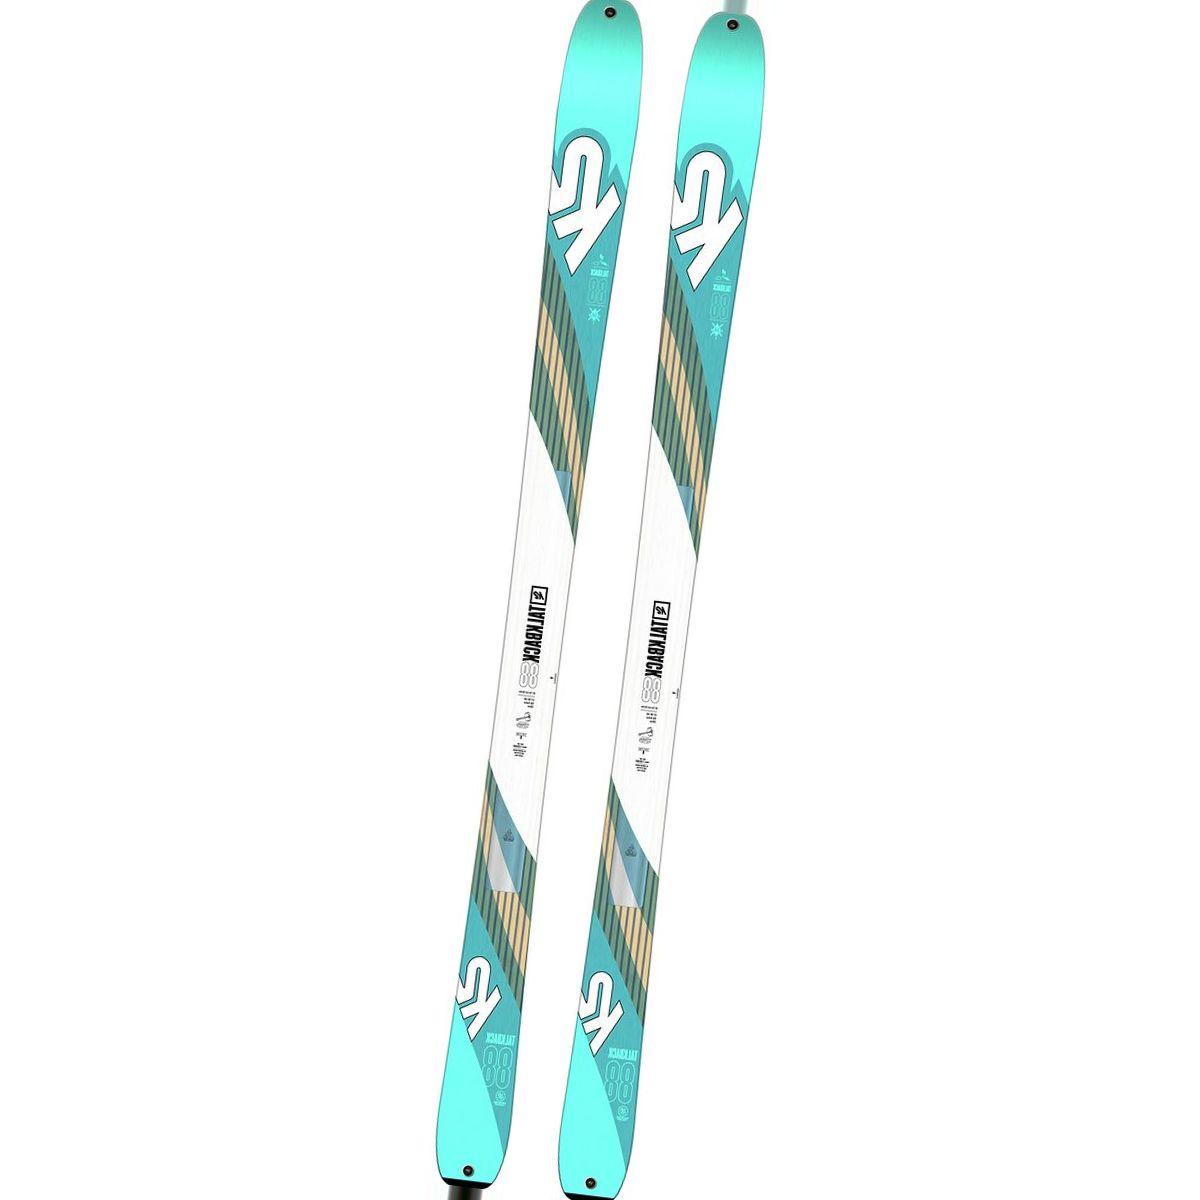 K2 Talkback 88 Ski - Women's